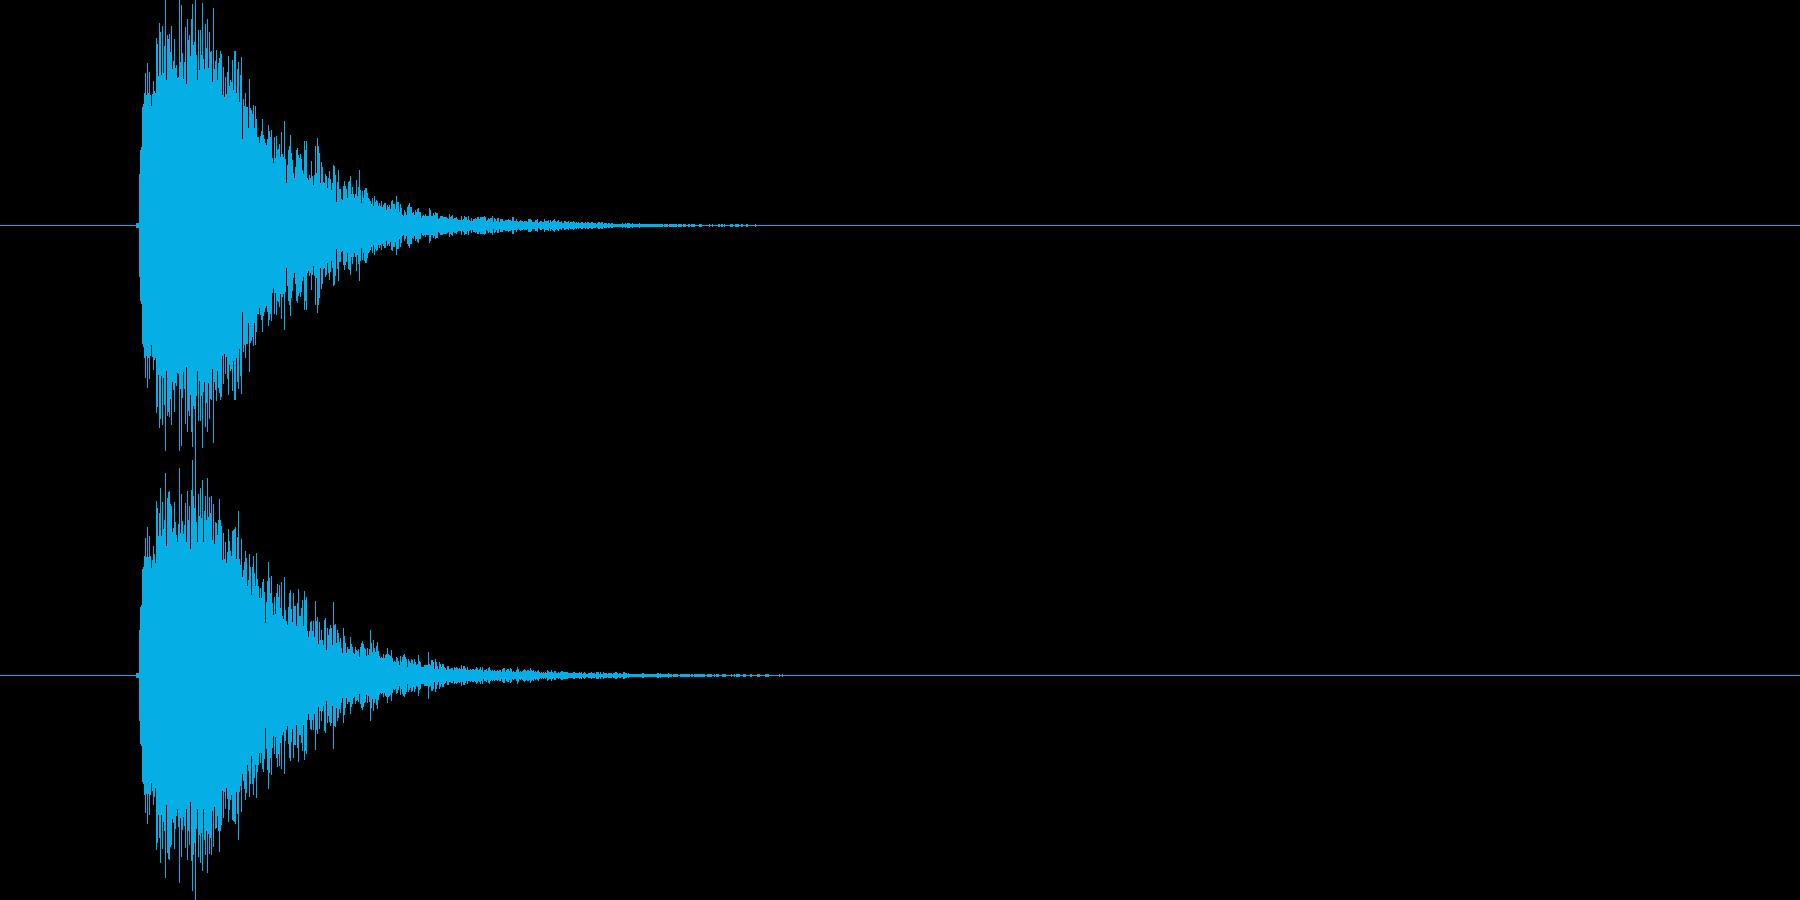 ジャラランという効果音の再生済みの波形